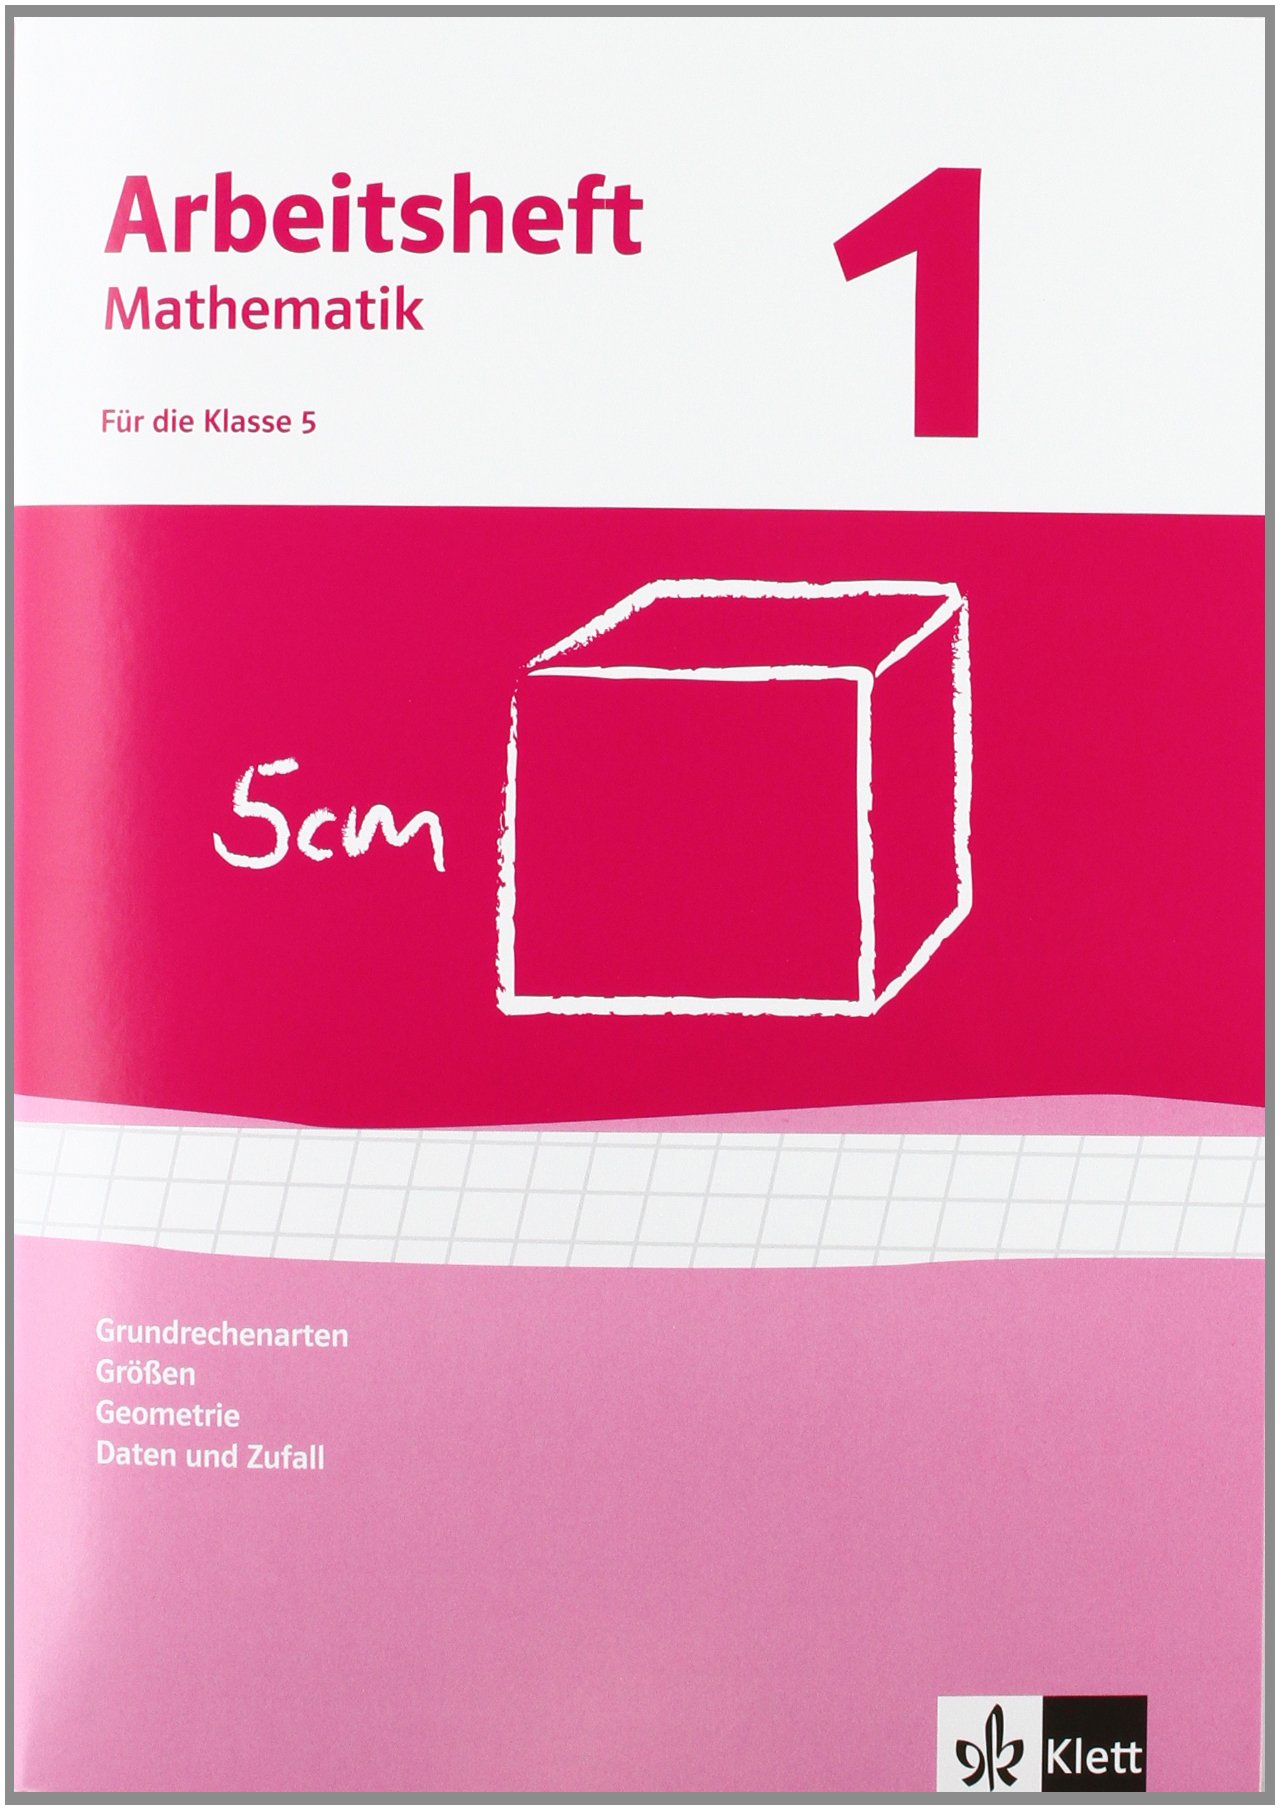 Berühmt Mathematik Abteilung Arbeitsblätter Für Die Klasse 4 Ideen ...